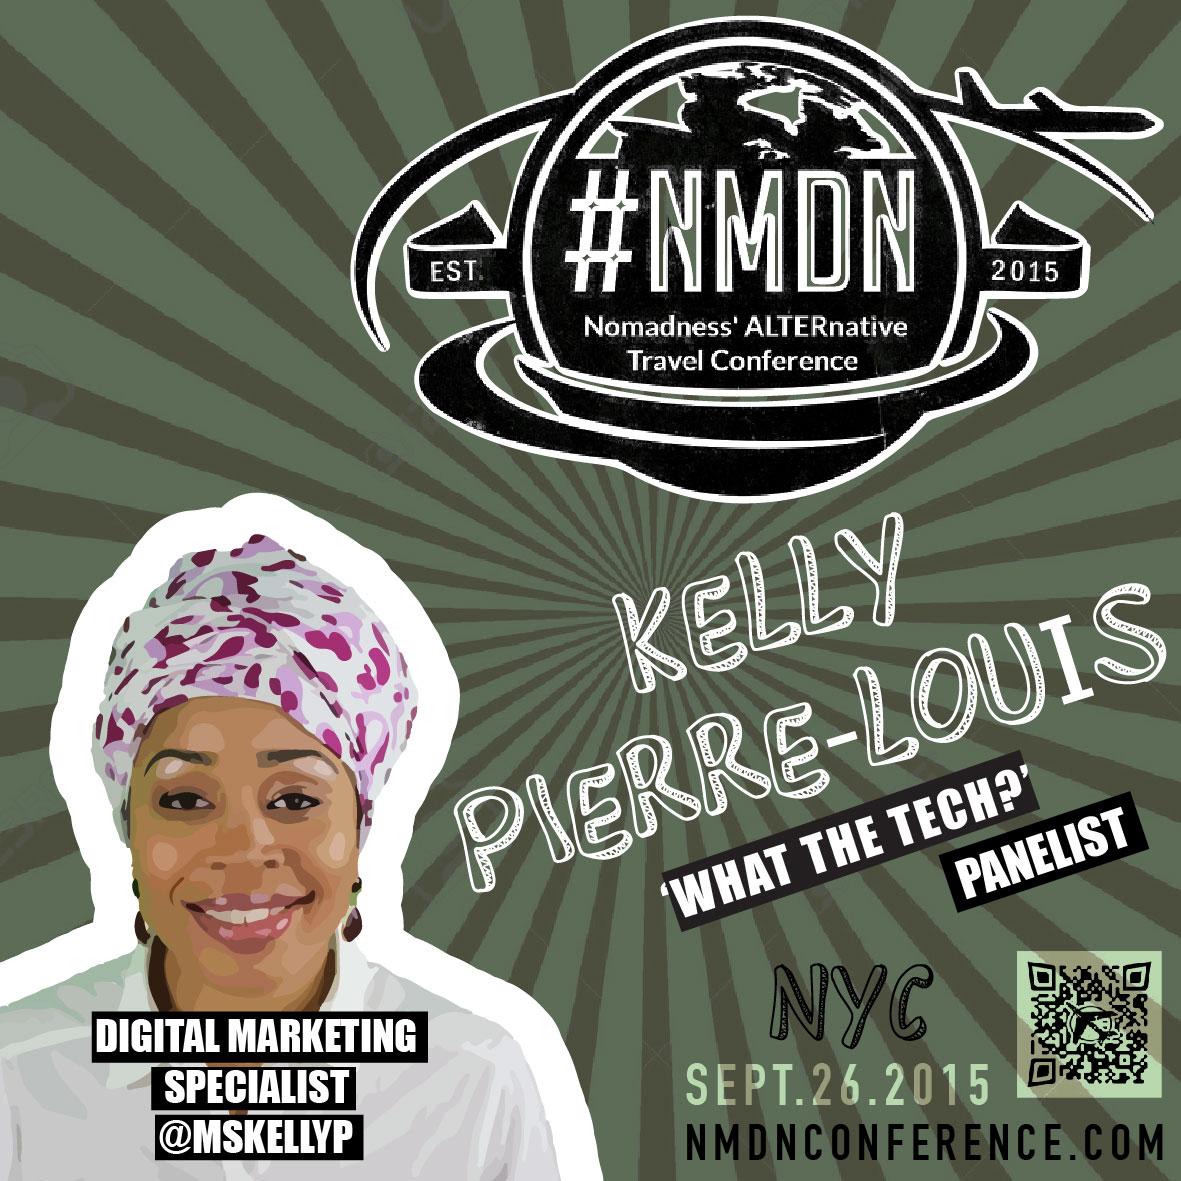 Kelly Pierre-Louis Badge-01.jpg